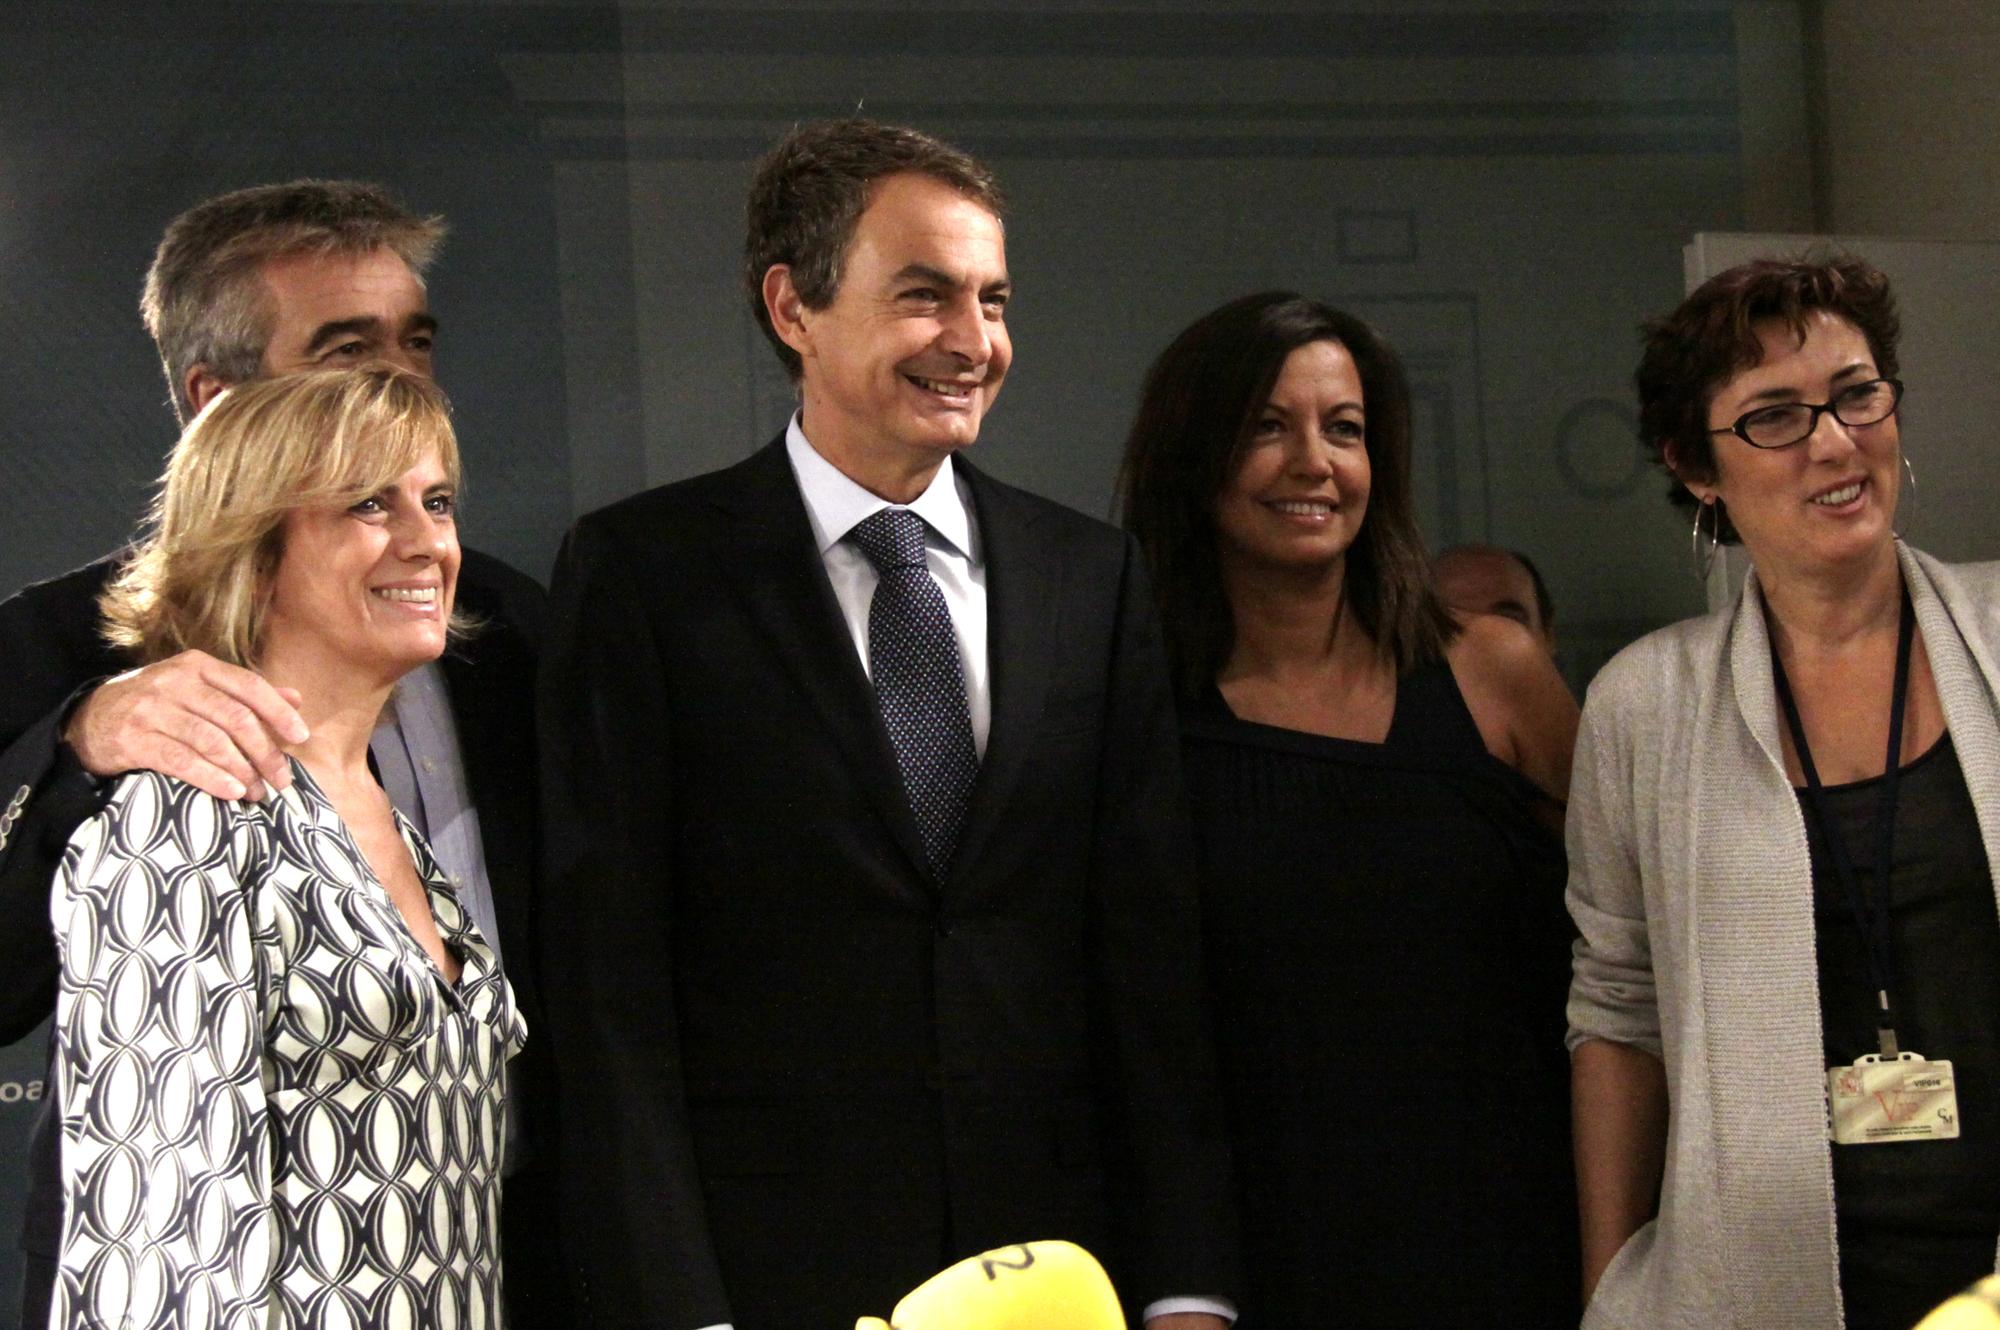 Archivo equipo cadena ser con el president for Cadena ser francino